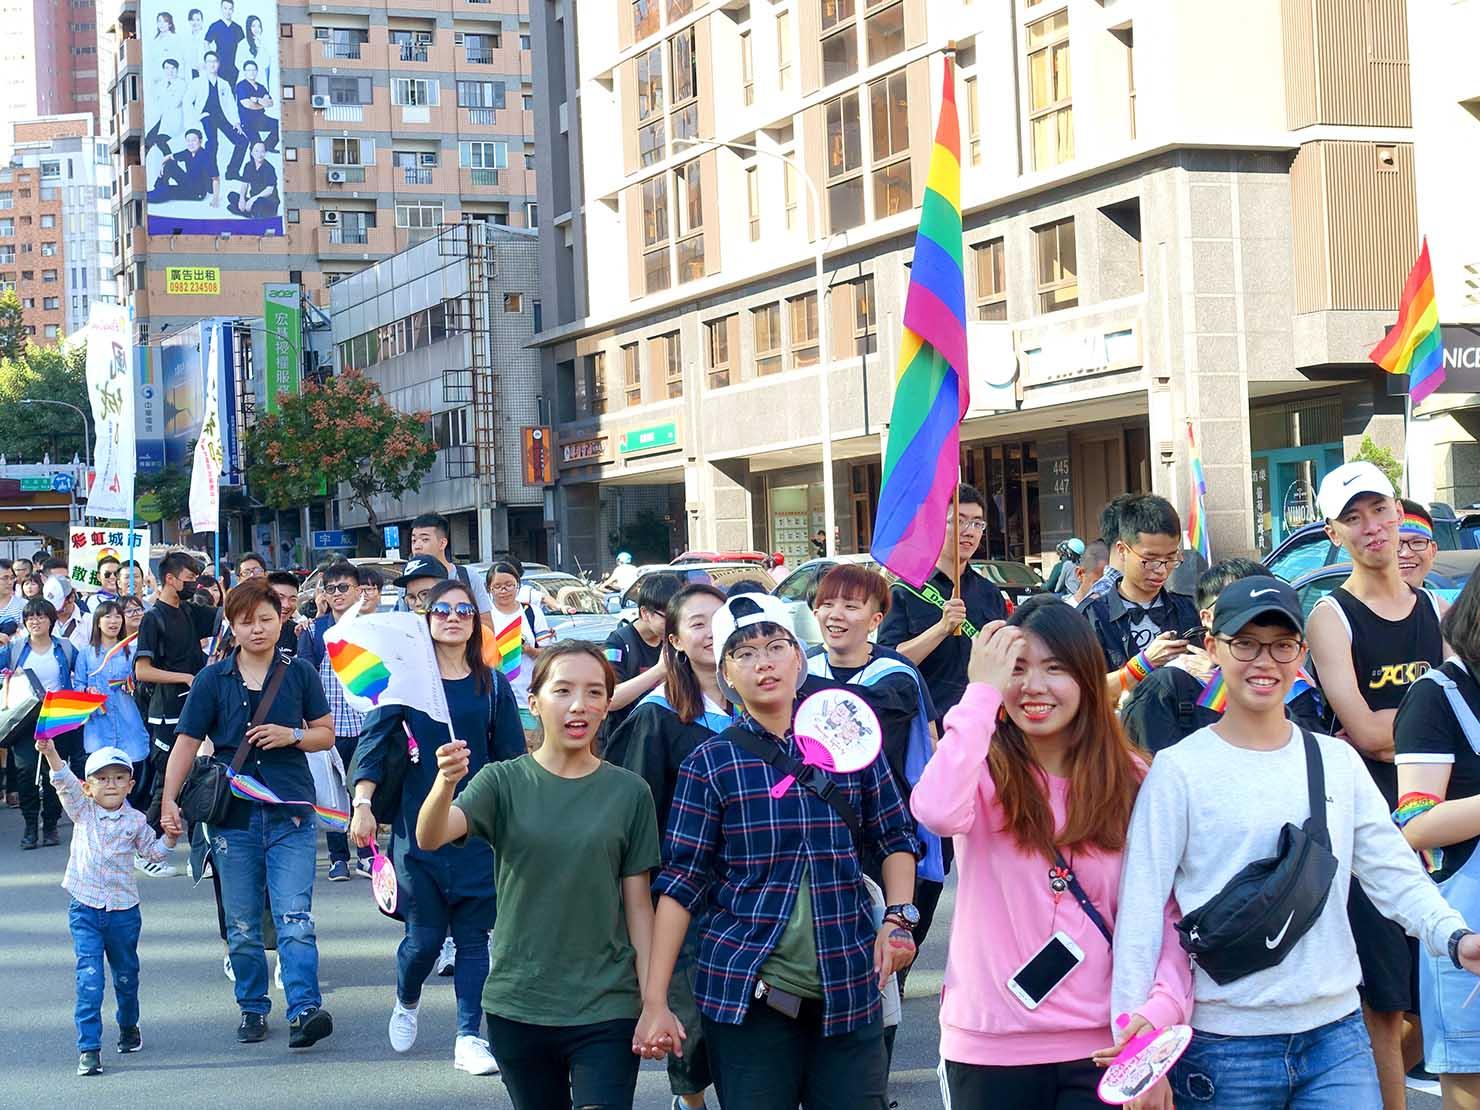 台中同志遊行(台中LGBTプライド)2017の正面から見るパレード隊列